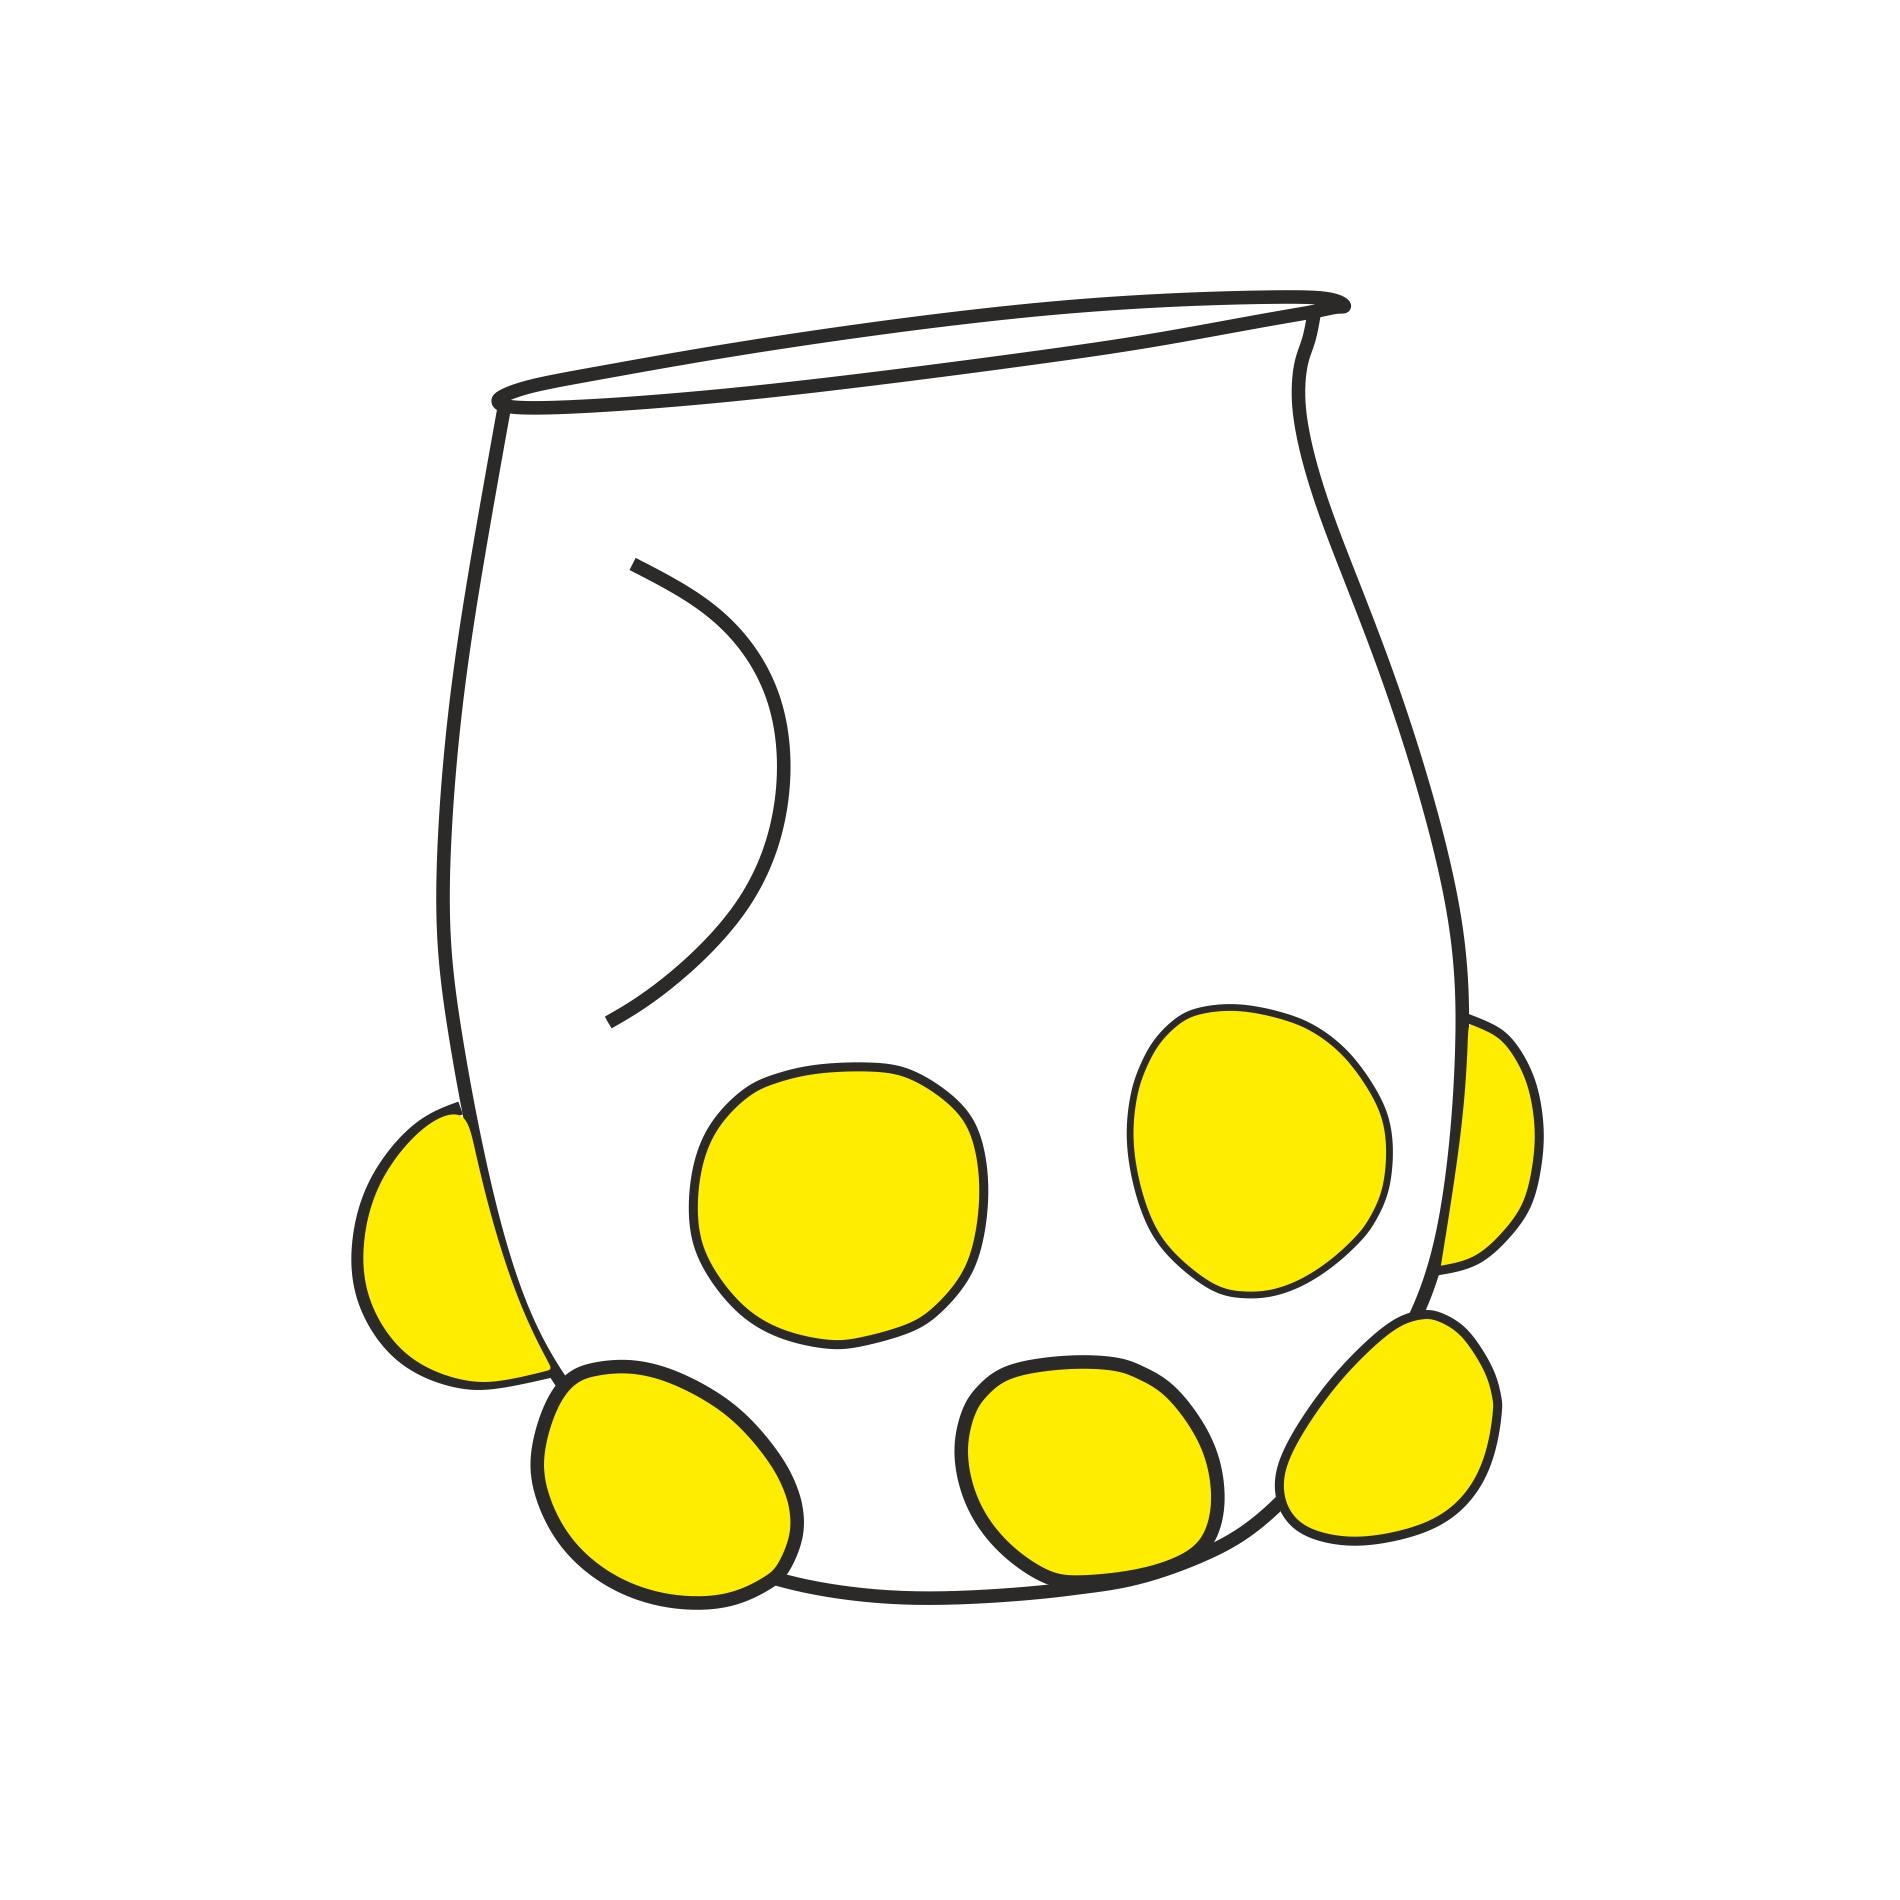 CARAFFE-RGB